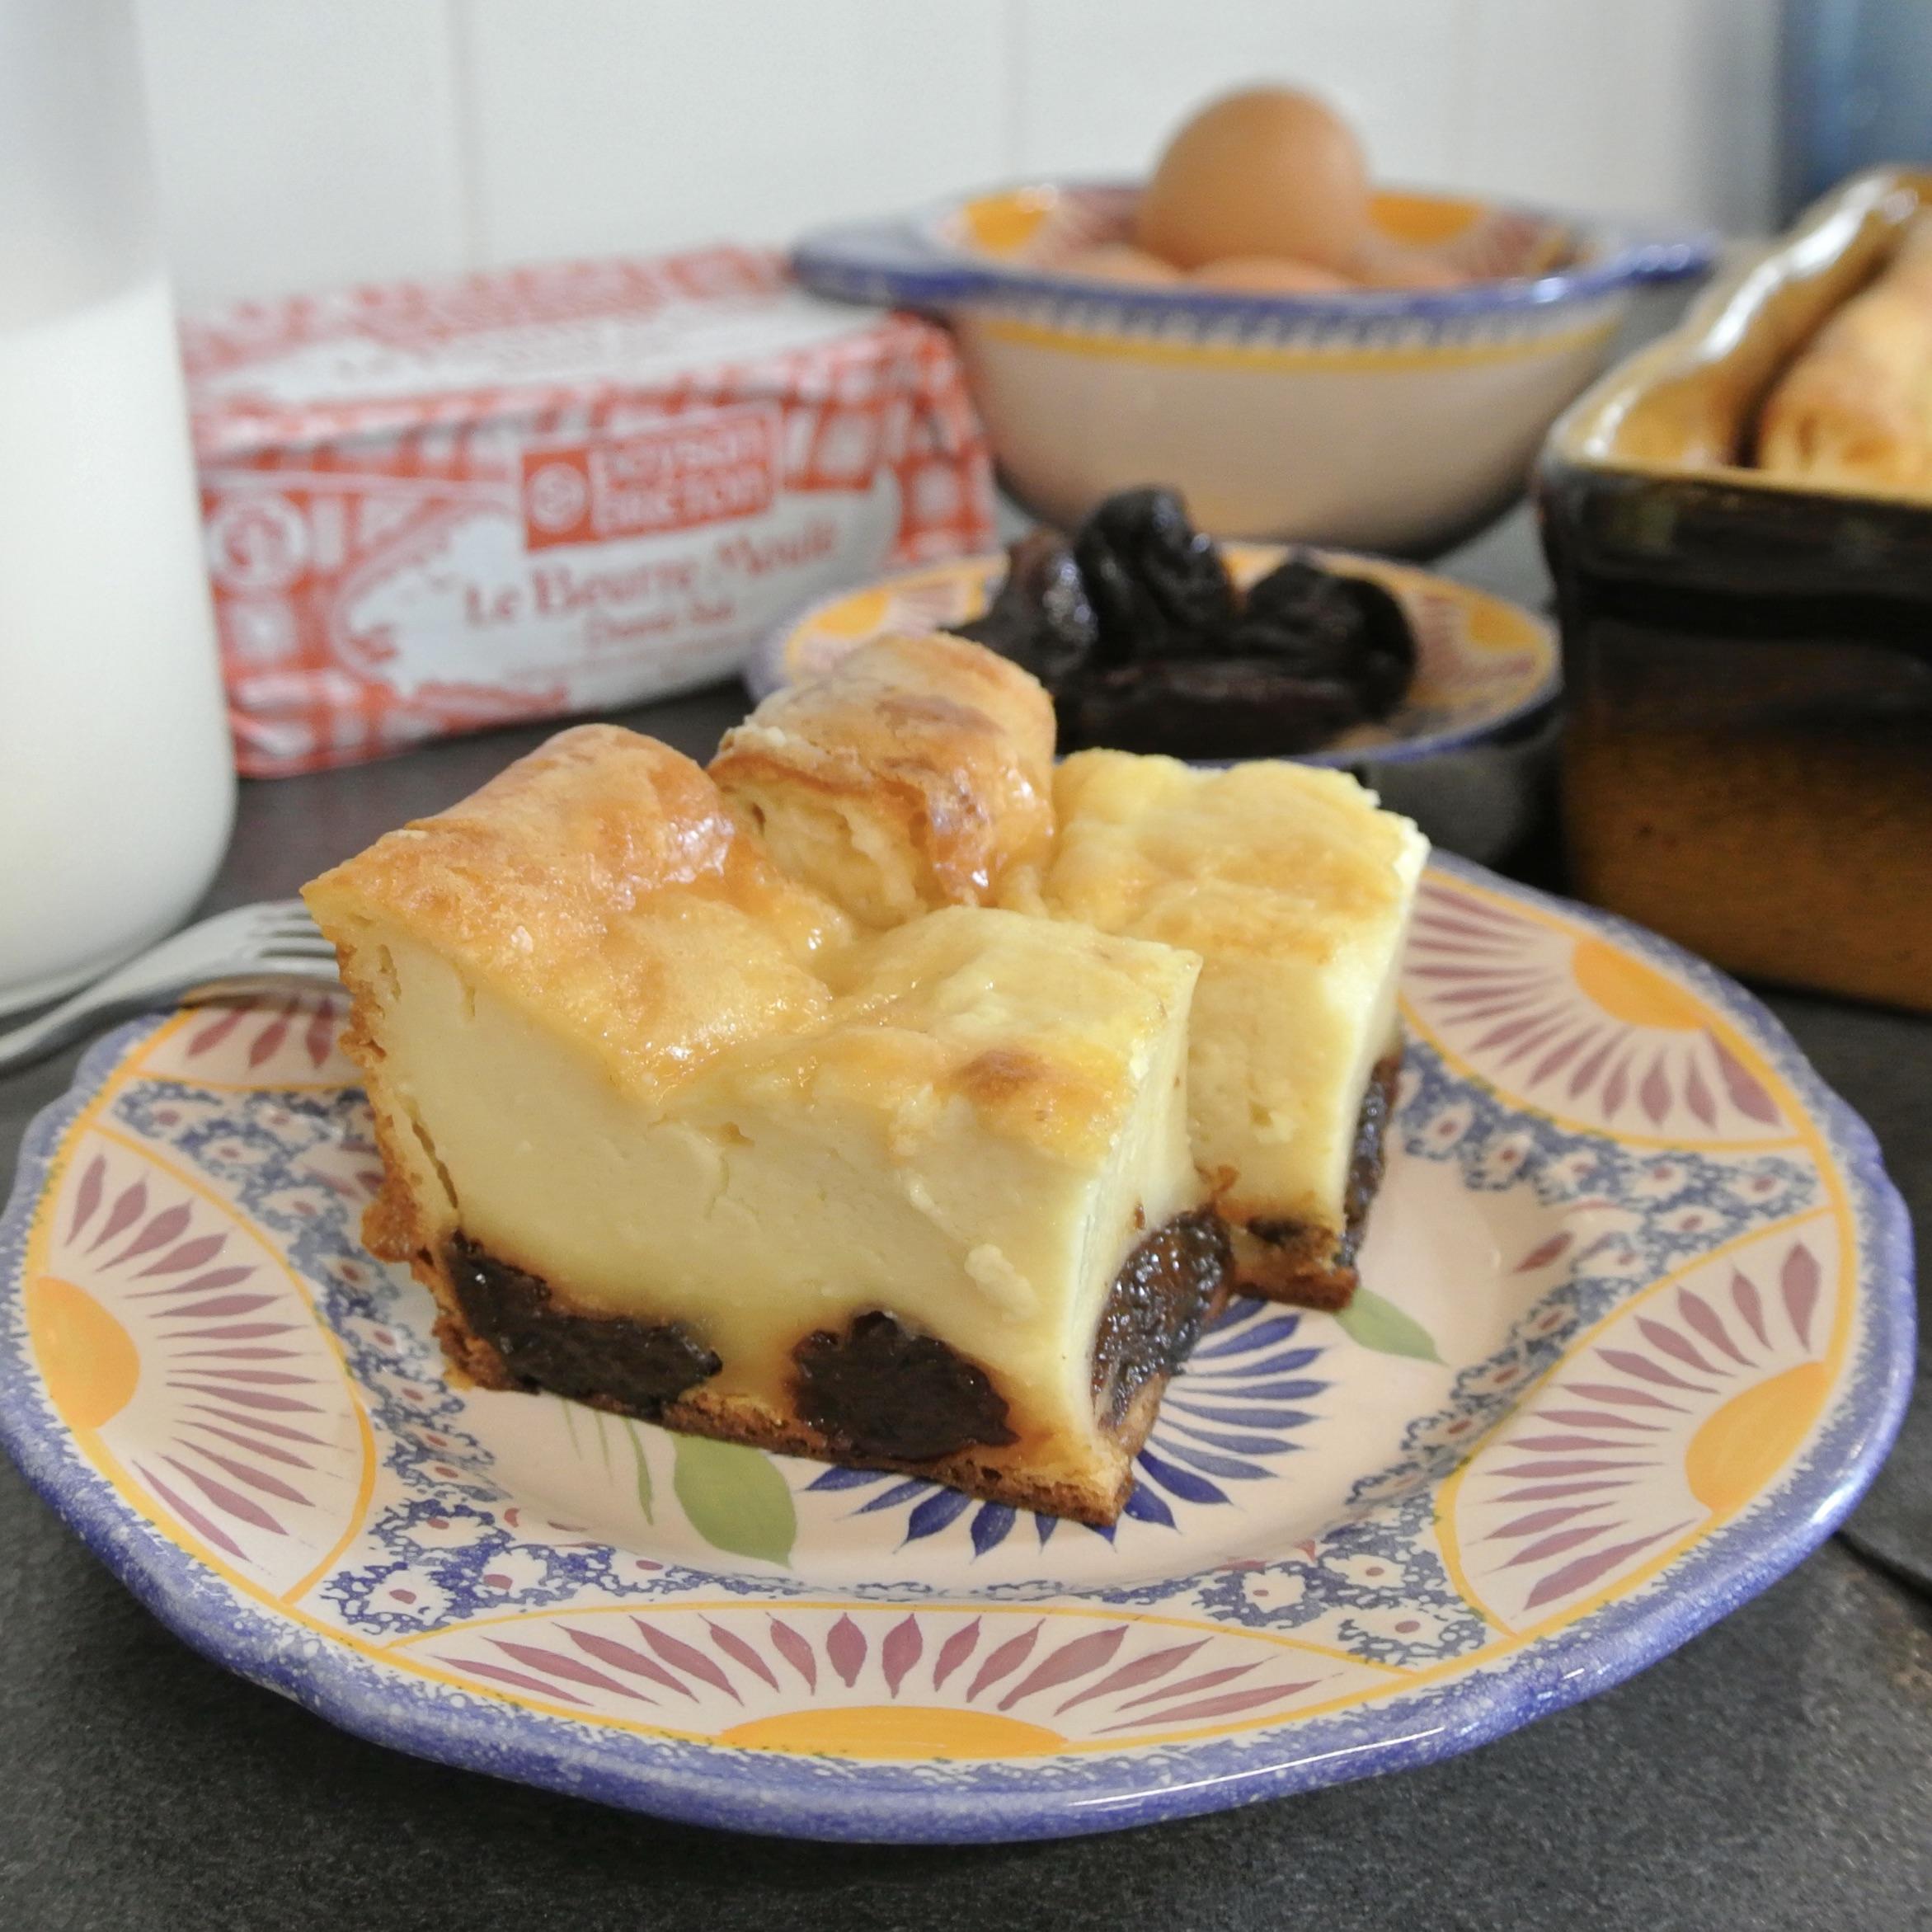 【スタッフコラム】 ブルターニュ地方のデザート!Far breton の作り方